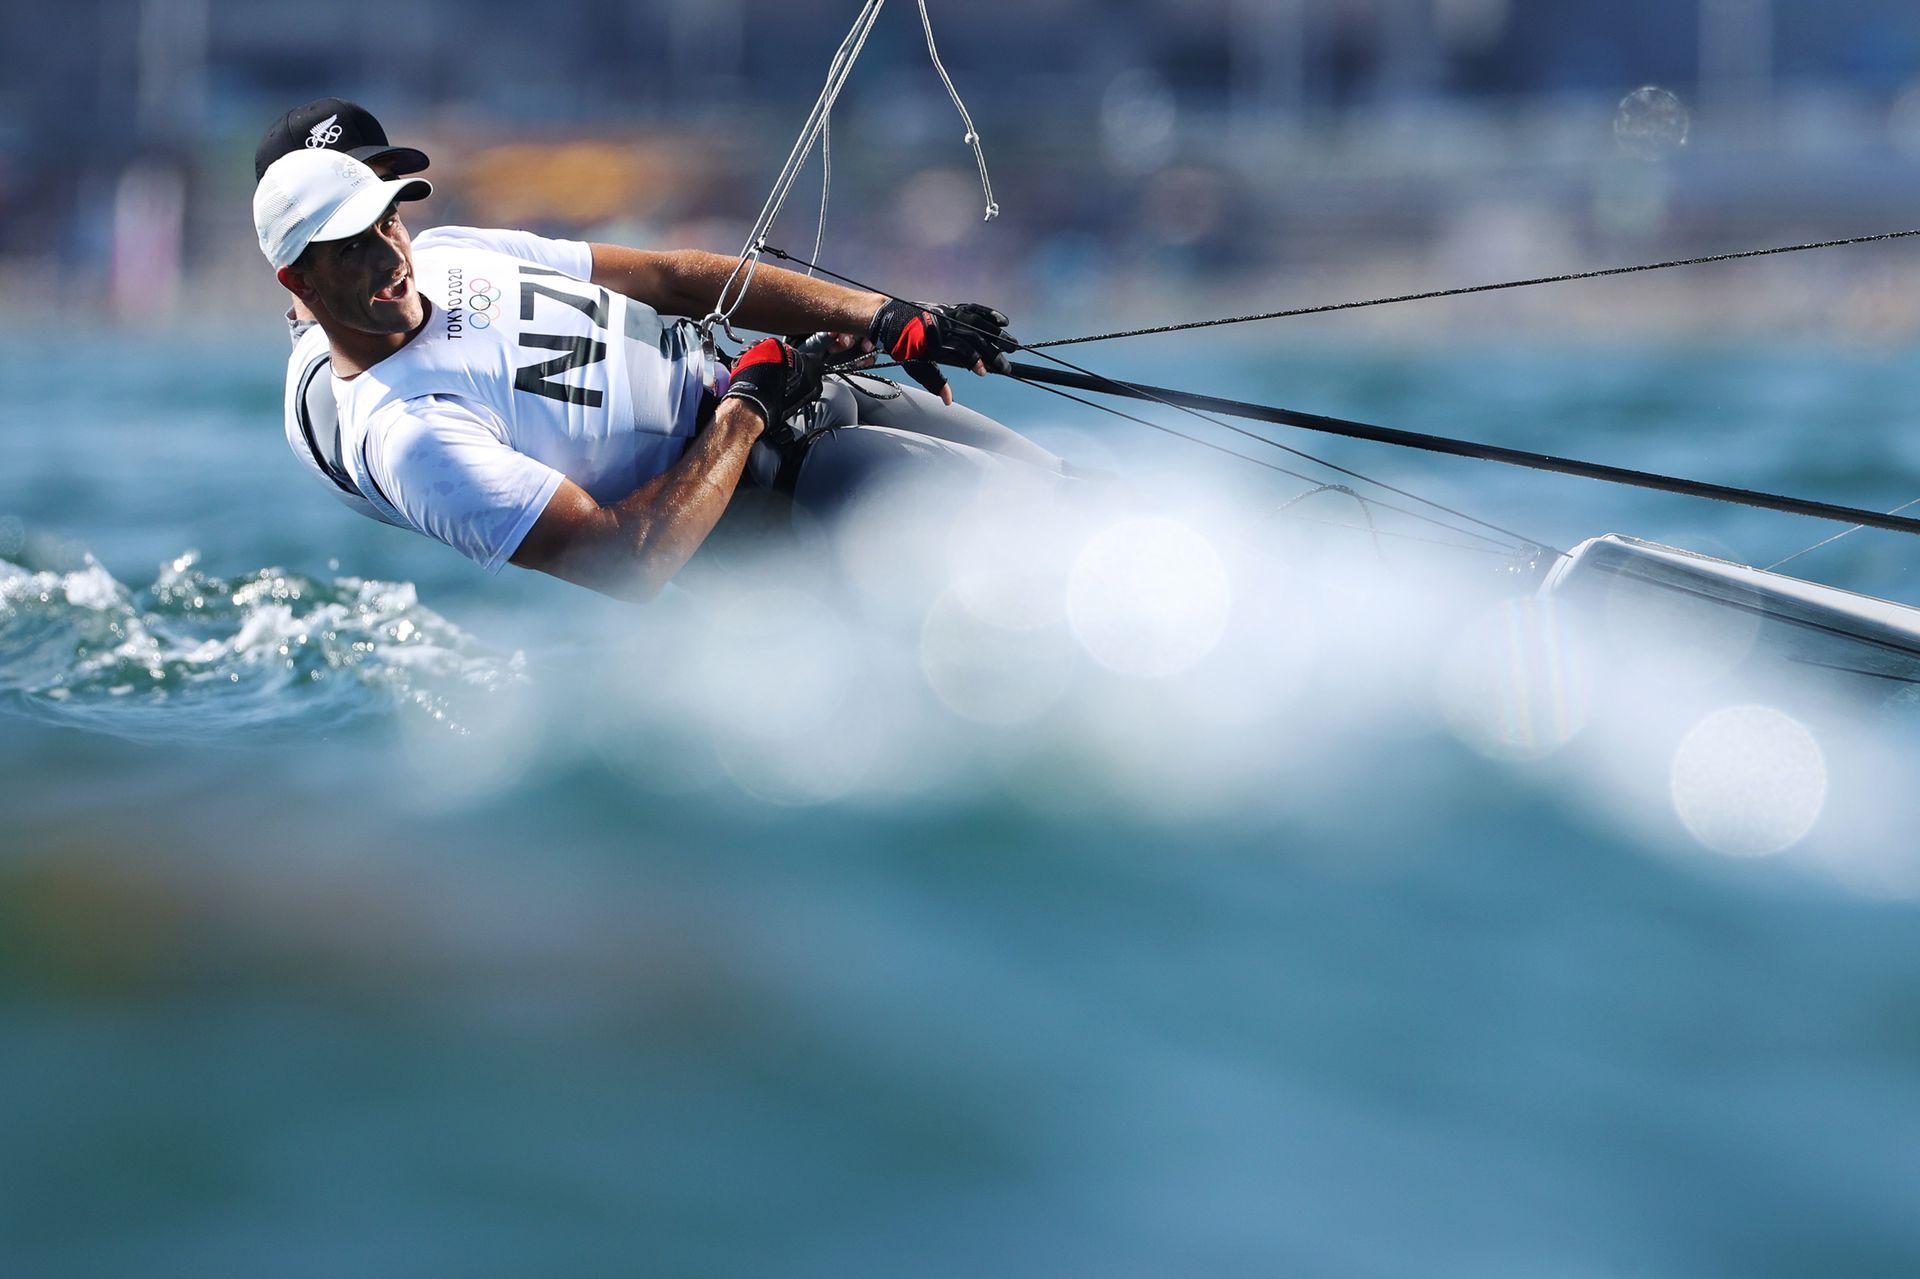 Peter Burling (gorra negra) y Blair Tuke del Team New Zealand practican en el Skiff masculino - clase 49er durante las vistas previas de navegación en el primer día de los Juegos Olímpicos de Tokio 2020 en Enoshima Yacht Harbor el 24 de julio de 2021 Fujisawa, Kanagawa, Japón.